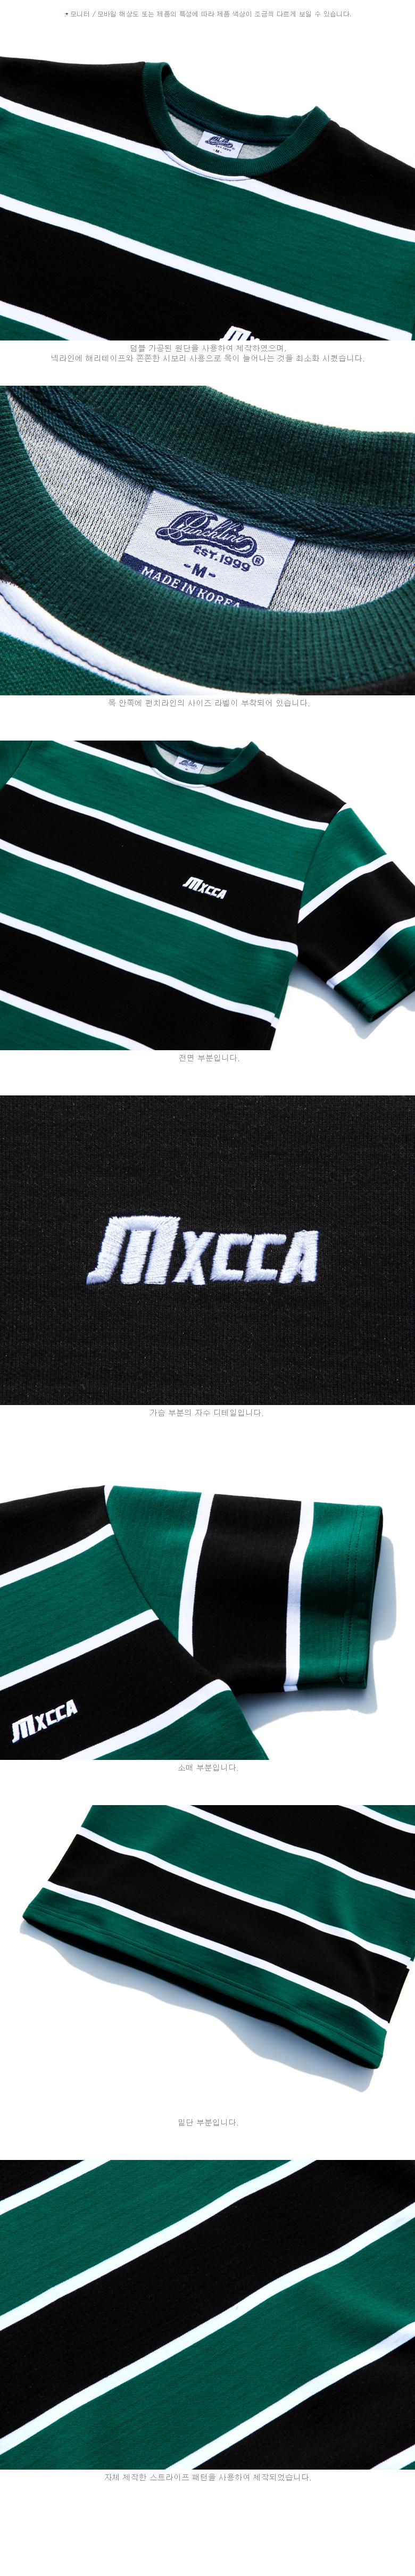 [펀치라인] MXCCA 스트라이프 반팔 5종 KHST6049